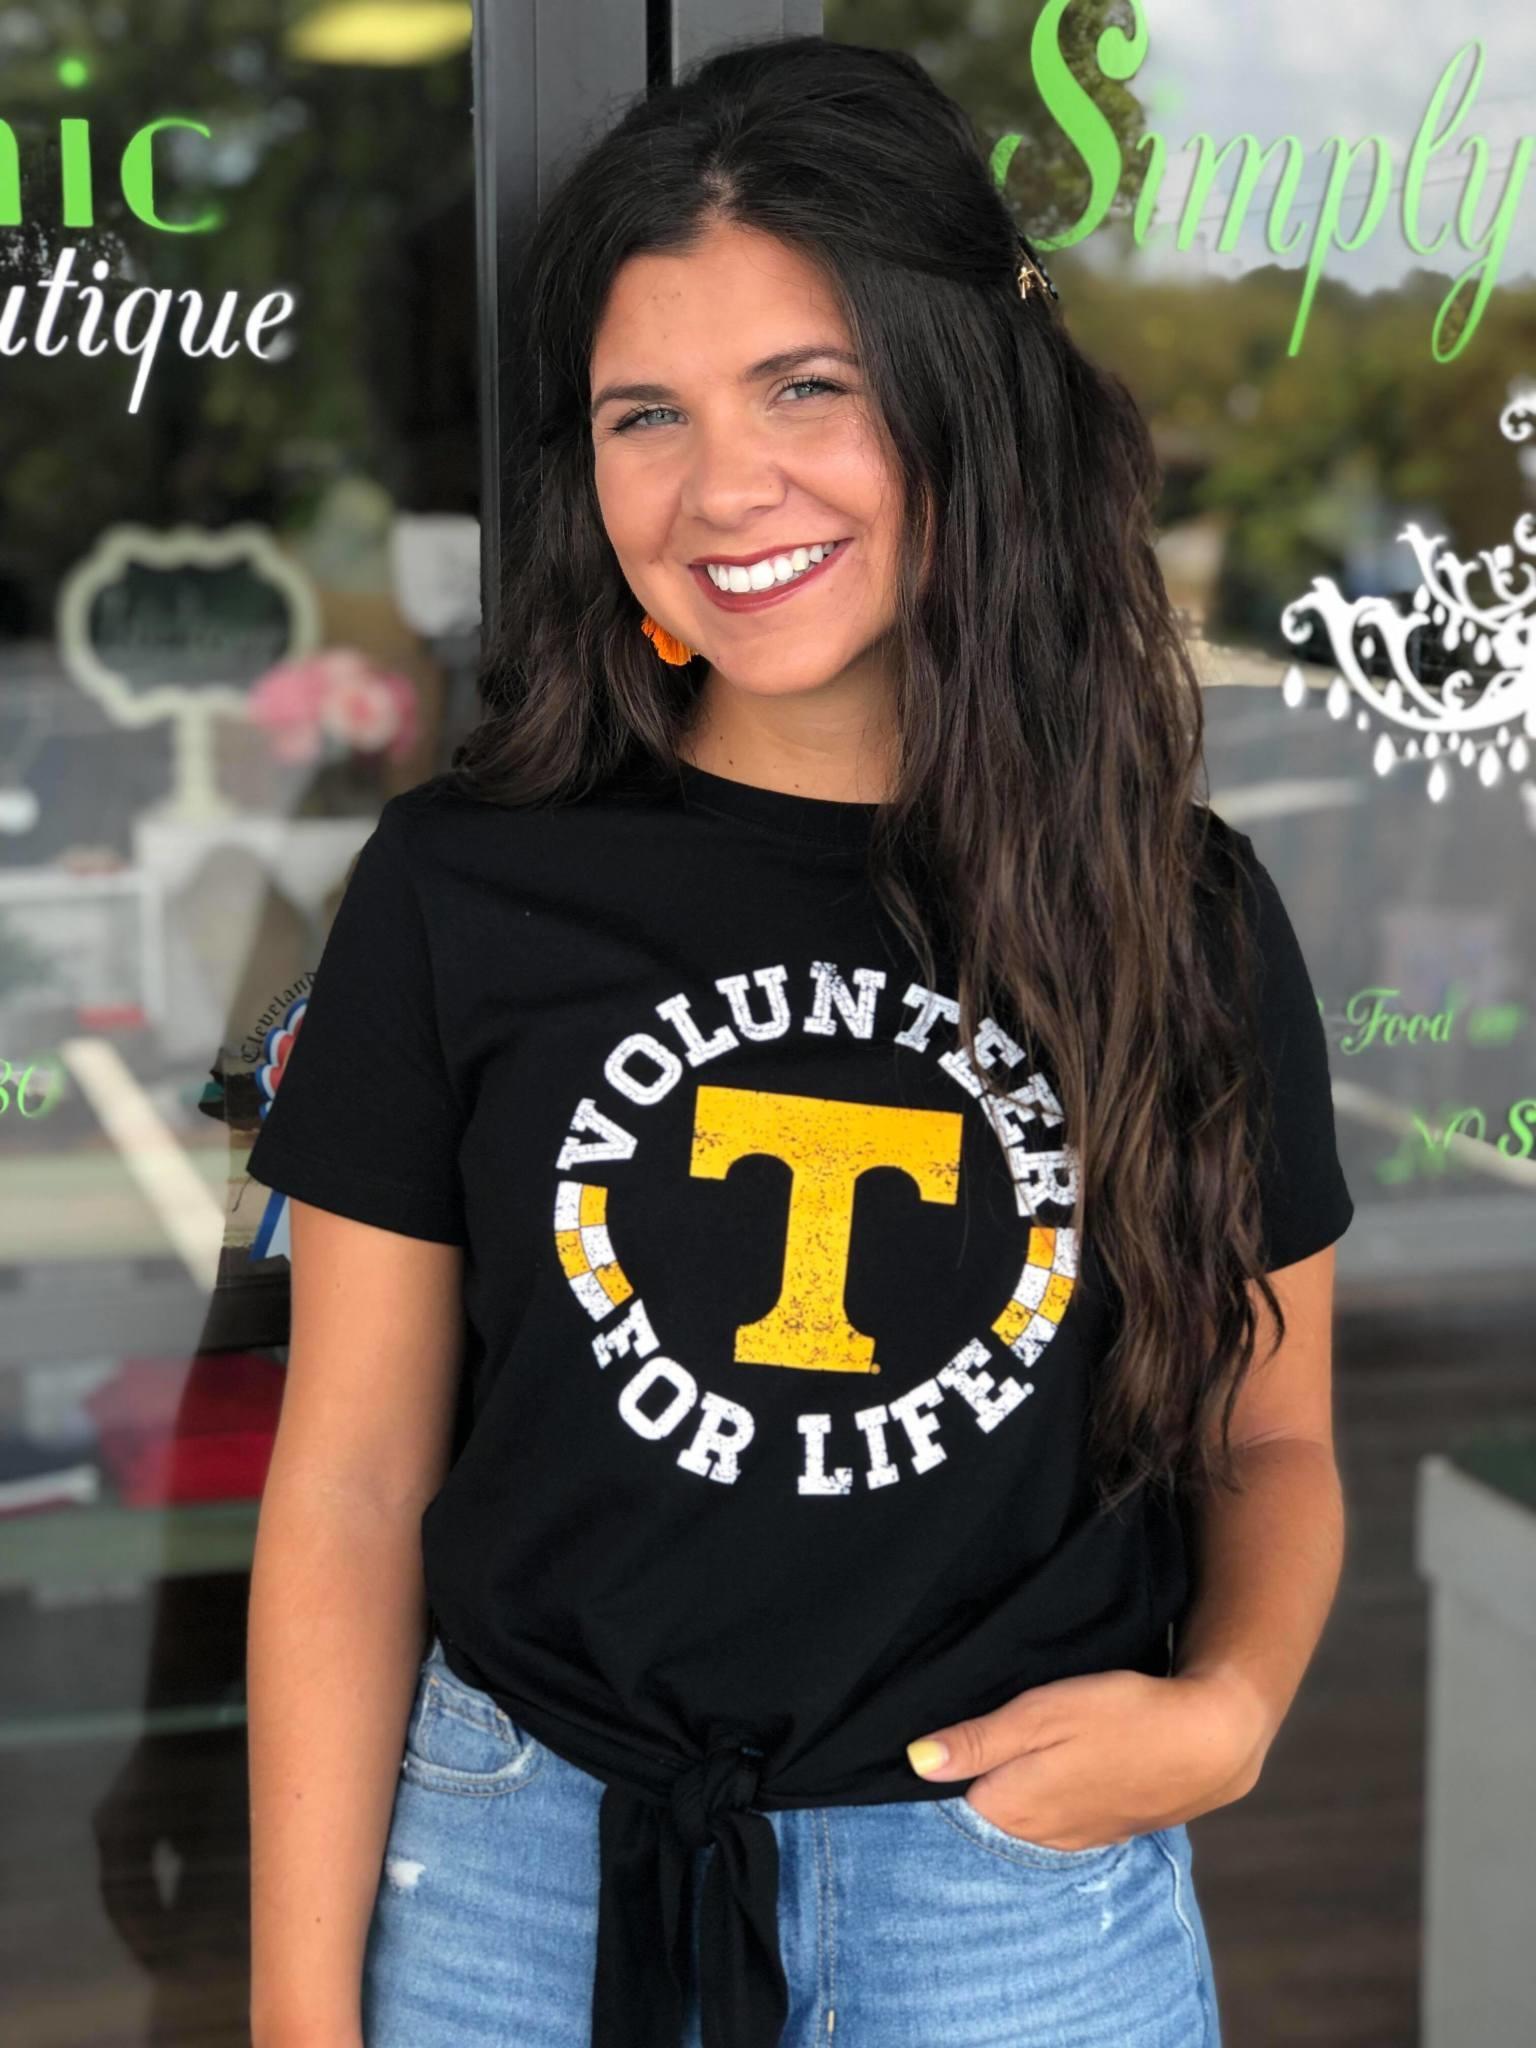 Volunteer for Life Top